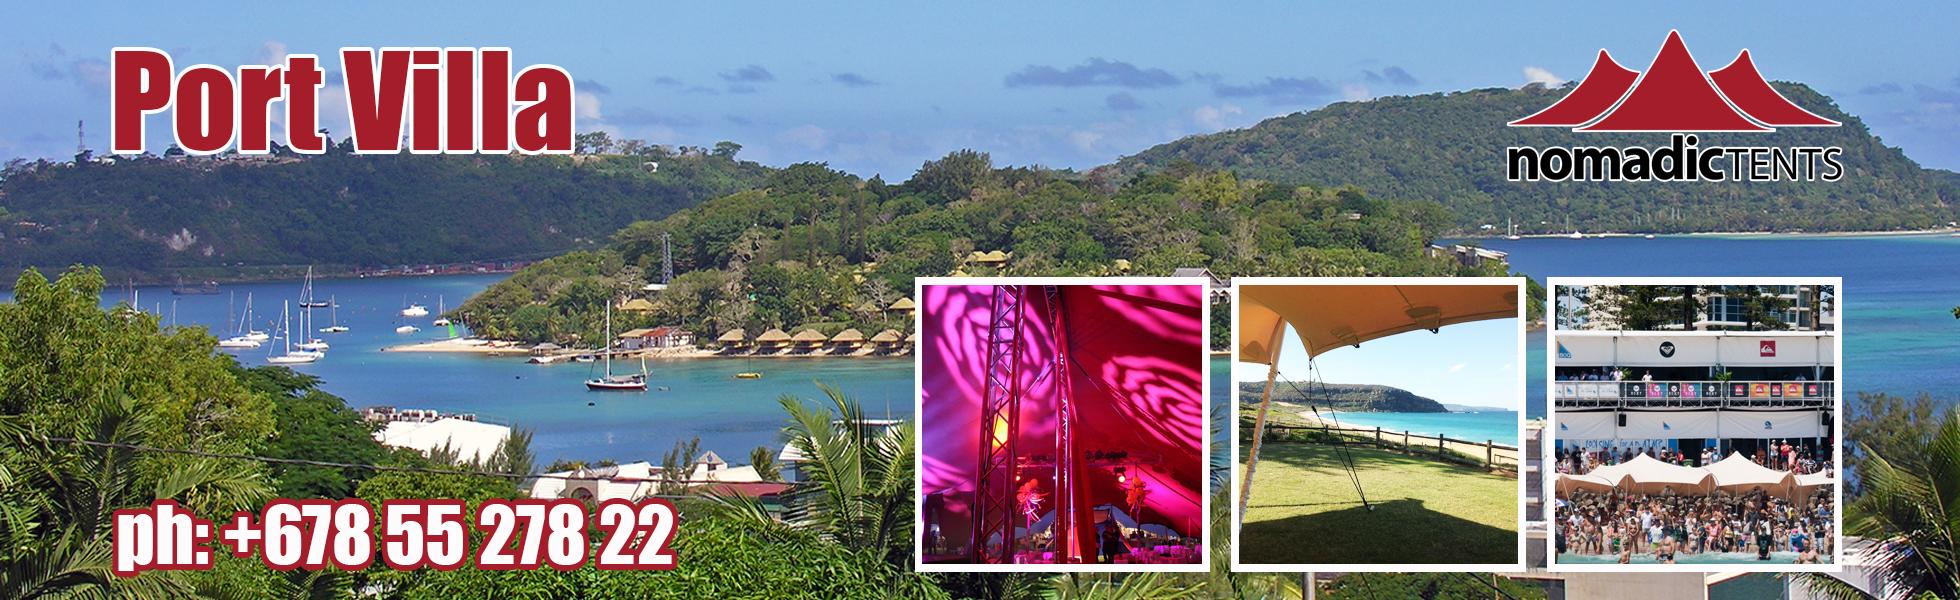 Nomadic Tents in Port Vila